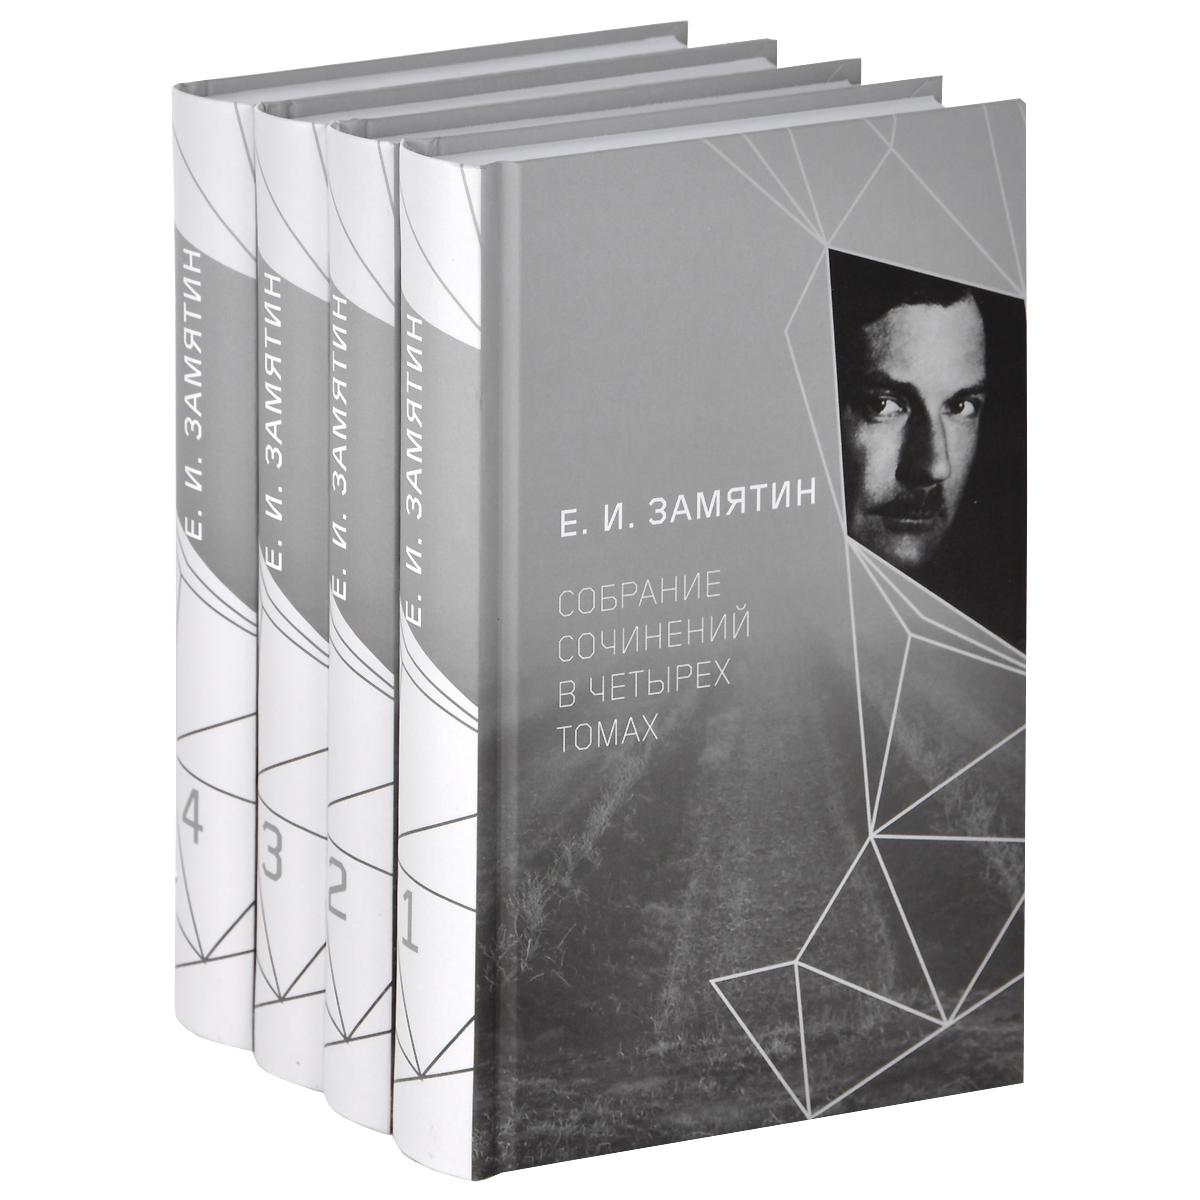 Евгений Замятин Е. И. Замятин. Собрание сочинений. В 4 томах (комплект из 4 книг)